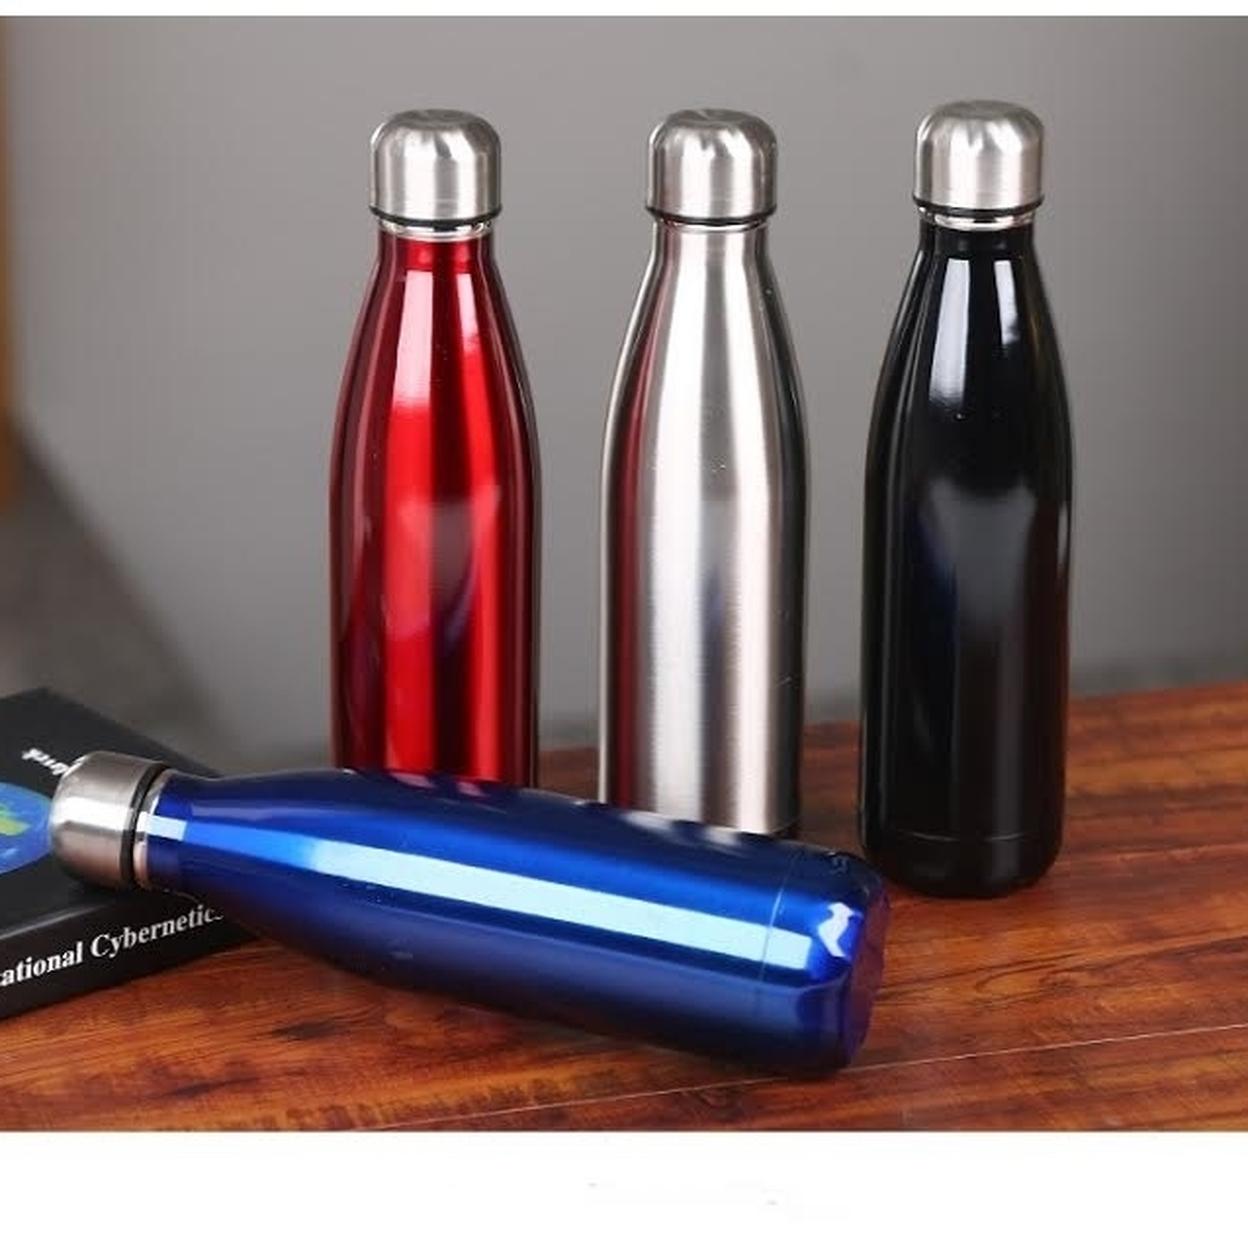 Double Wall Steel Bottle - Black 57c9c7cf4fe4e51ffc6908d4